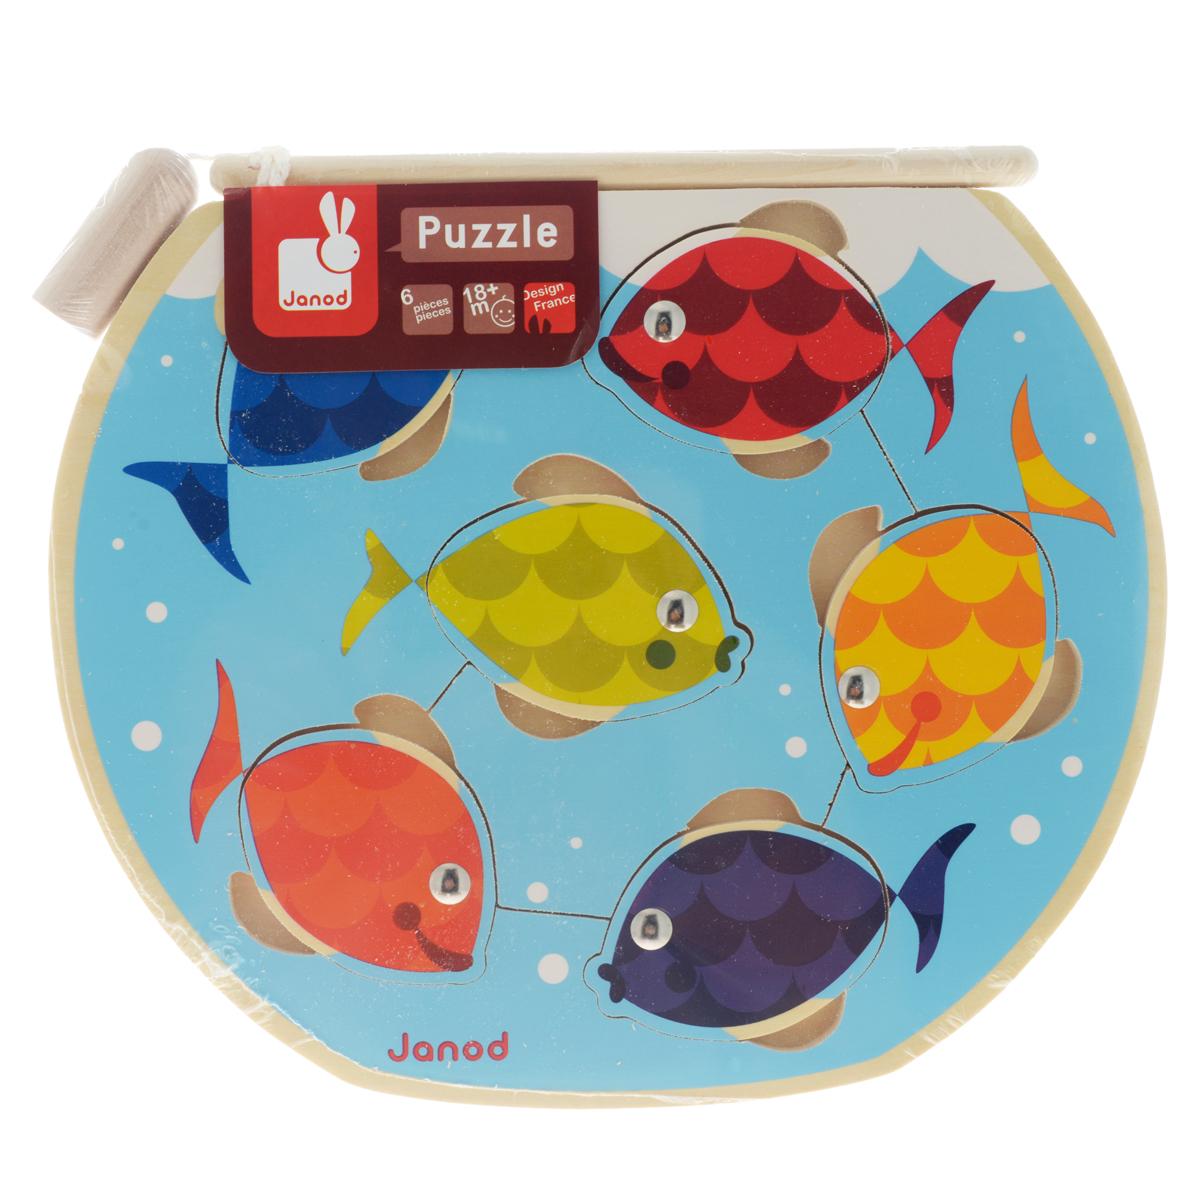 Магнитный пазл-вкладыш Janod Рыбалка, с удочкой, 6 элементовJ07008Магнитный пазл-вкладыш Janod Рыбалка включает 6 элементов в виде рыбок с металлическими глазками, рамку с отверстиями для рыбок и удочку с магнитиком на конце. Задача ребенка - поймать рыбку на удочку, примагнитив ее. Это отличная развлекательная игра! Игрушка изготовлена из дерева, выкрашенного яркими красками на водной основе; все края закруглены. Магнитный пазл-вкладыш Рыбалка способствует развитию цветовосприятия, мелкой моторики рук, логического мышления и знакомит малыша с окружающим миром.